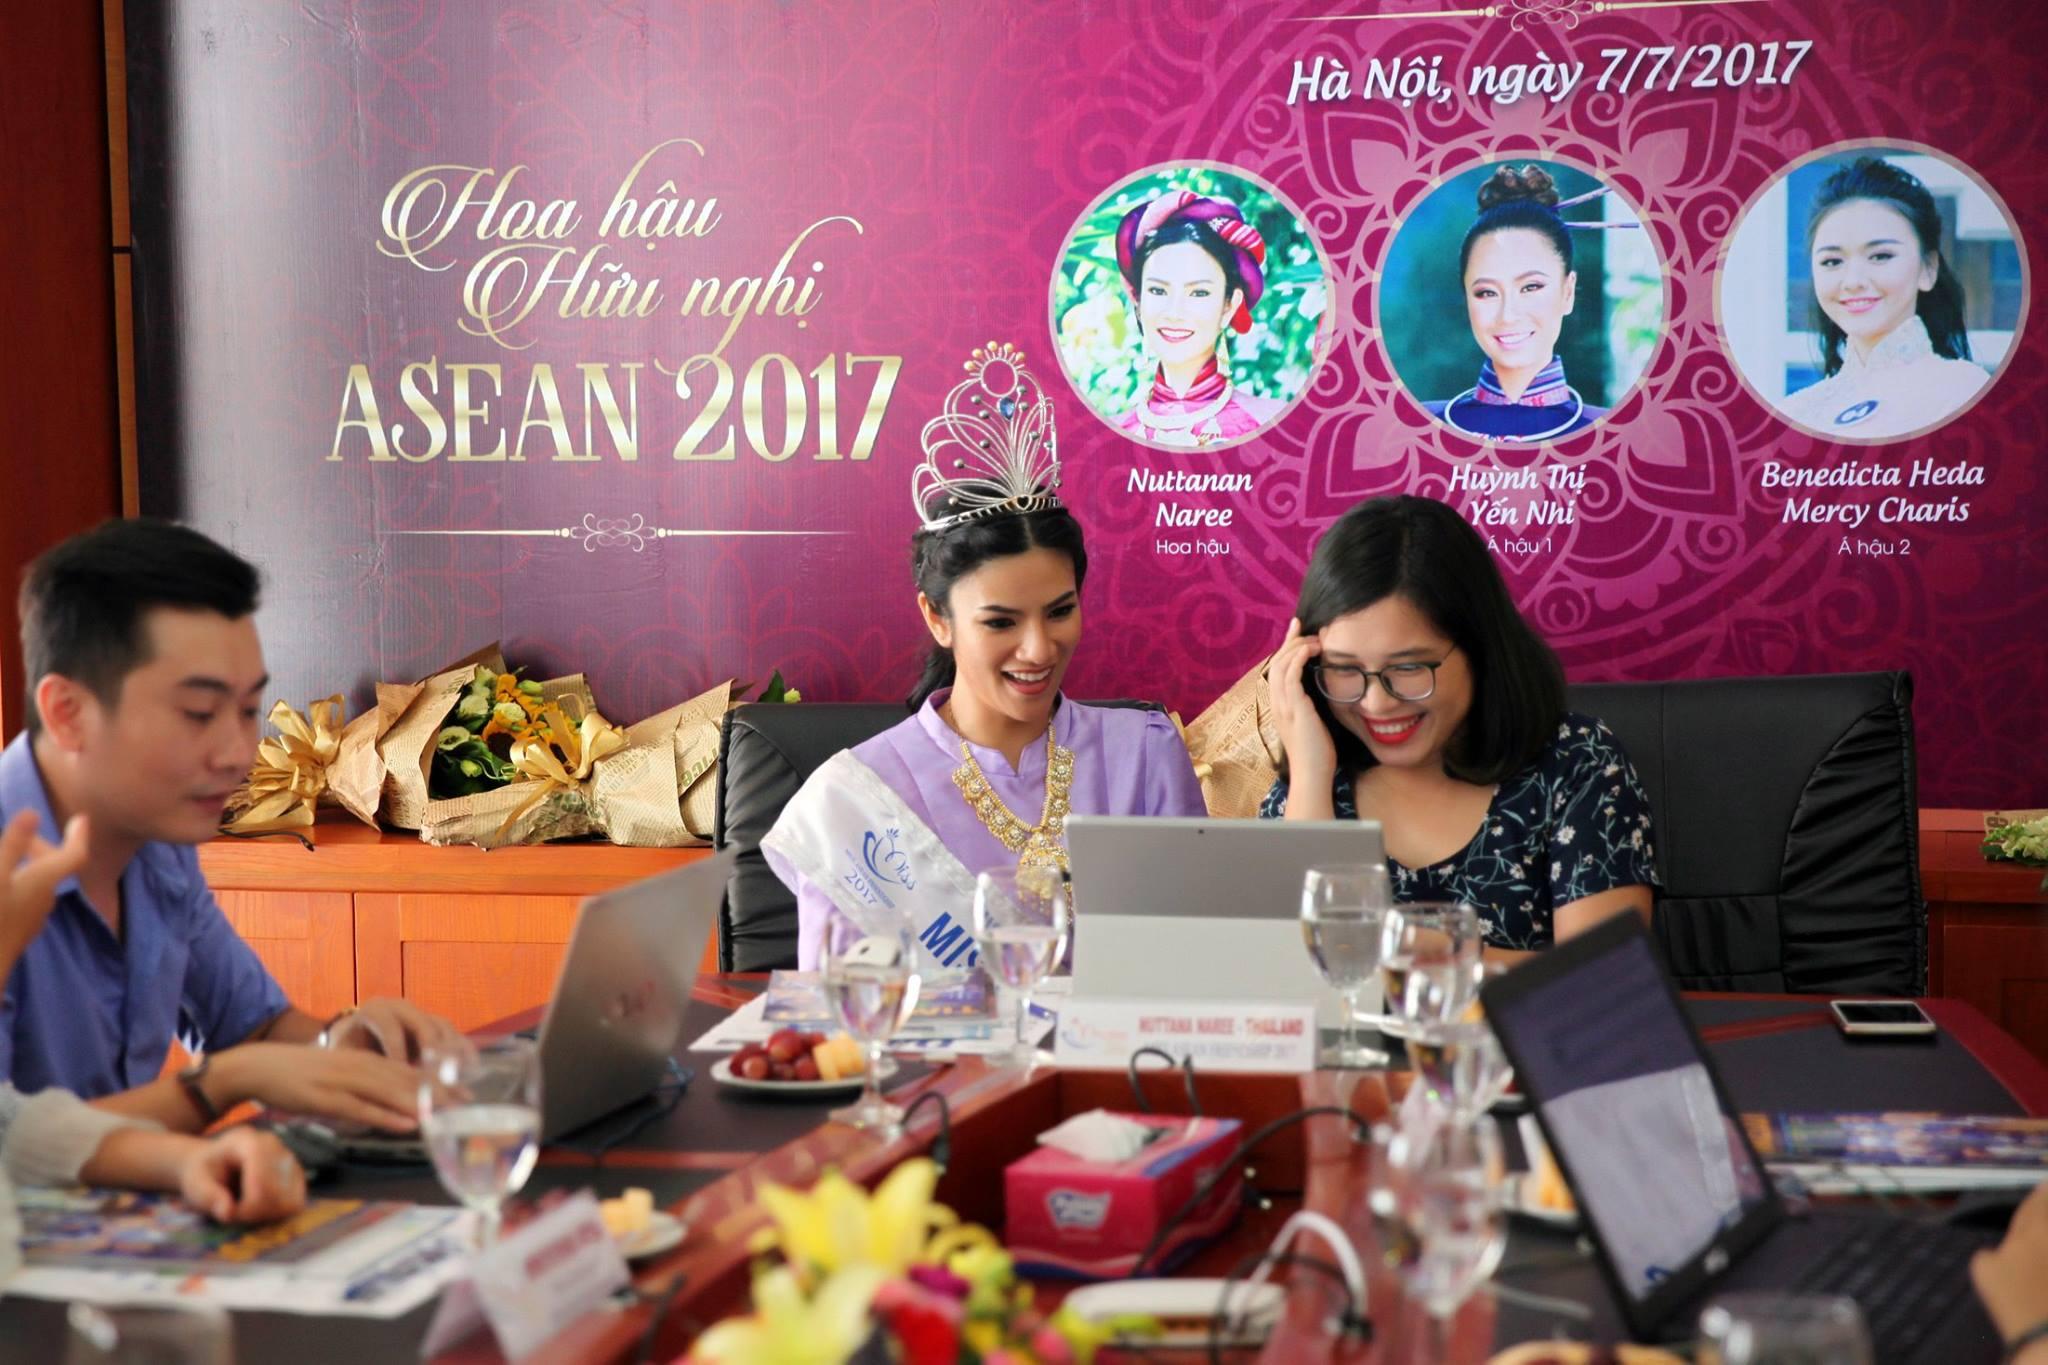 Hoa hậu Nuttanan Naree hào hứng trả lời các câu hỏi từ độc giả